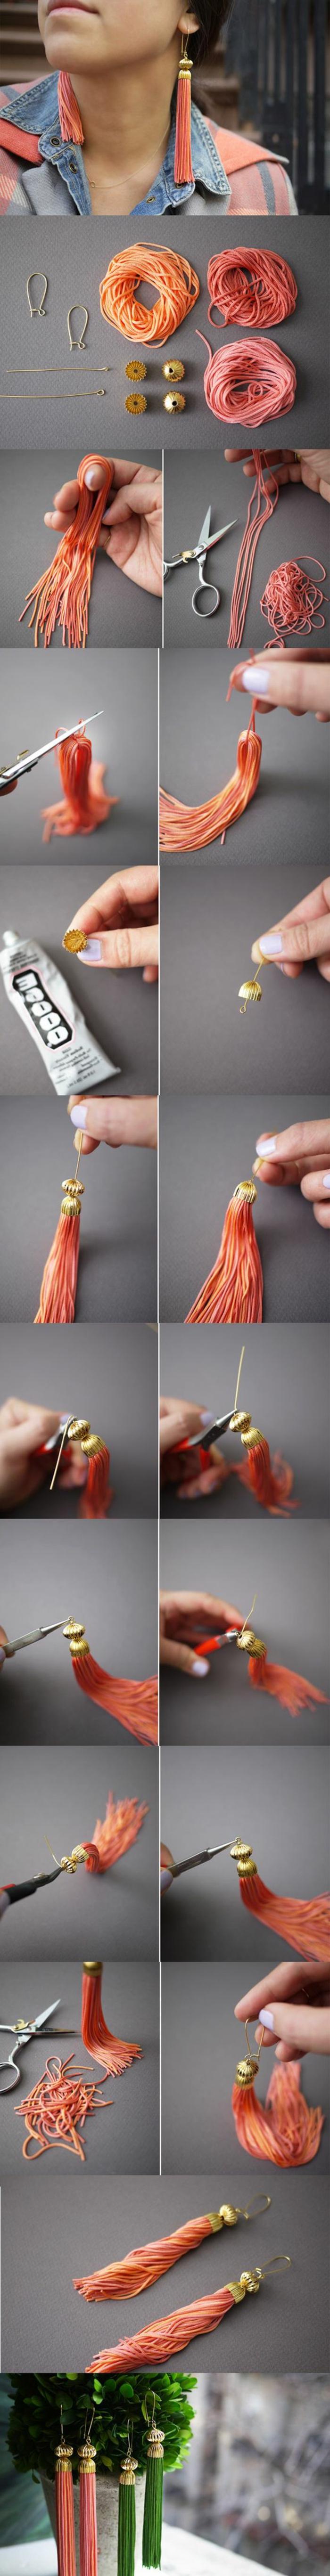 regalos-hechos-a-mano-pendientes-de-macrame-diferentes-colores